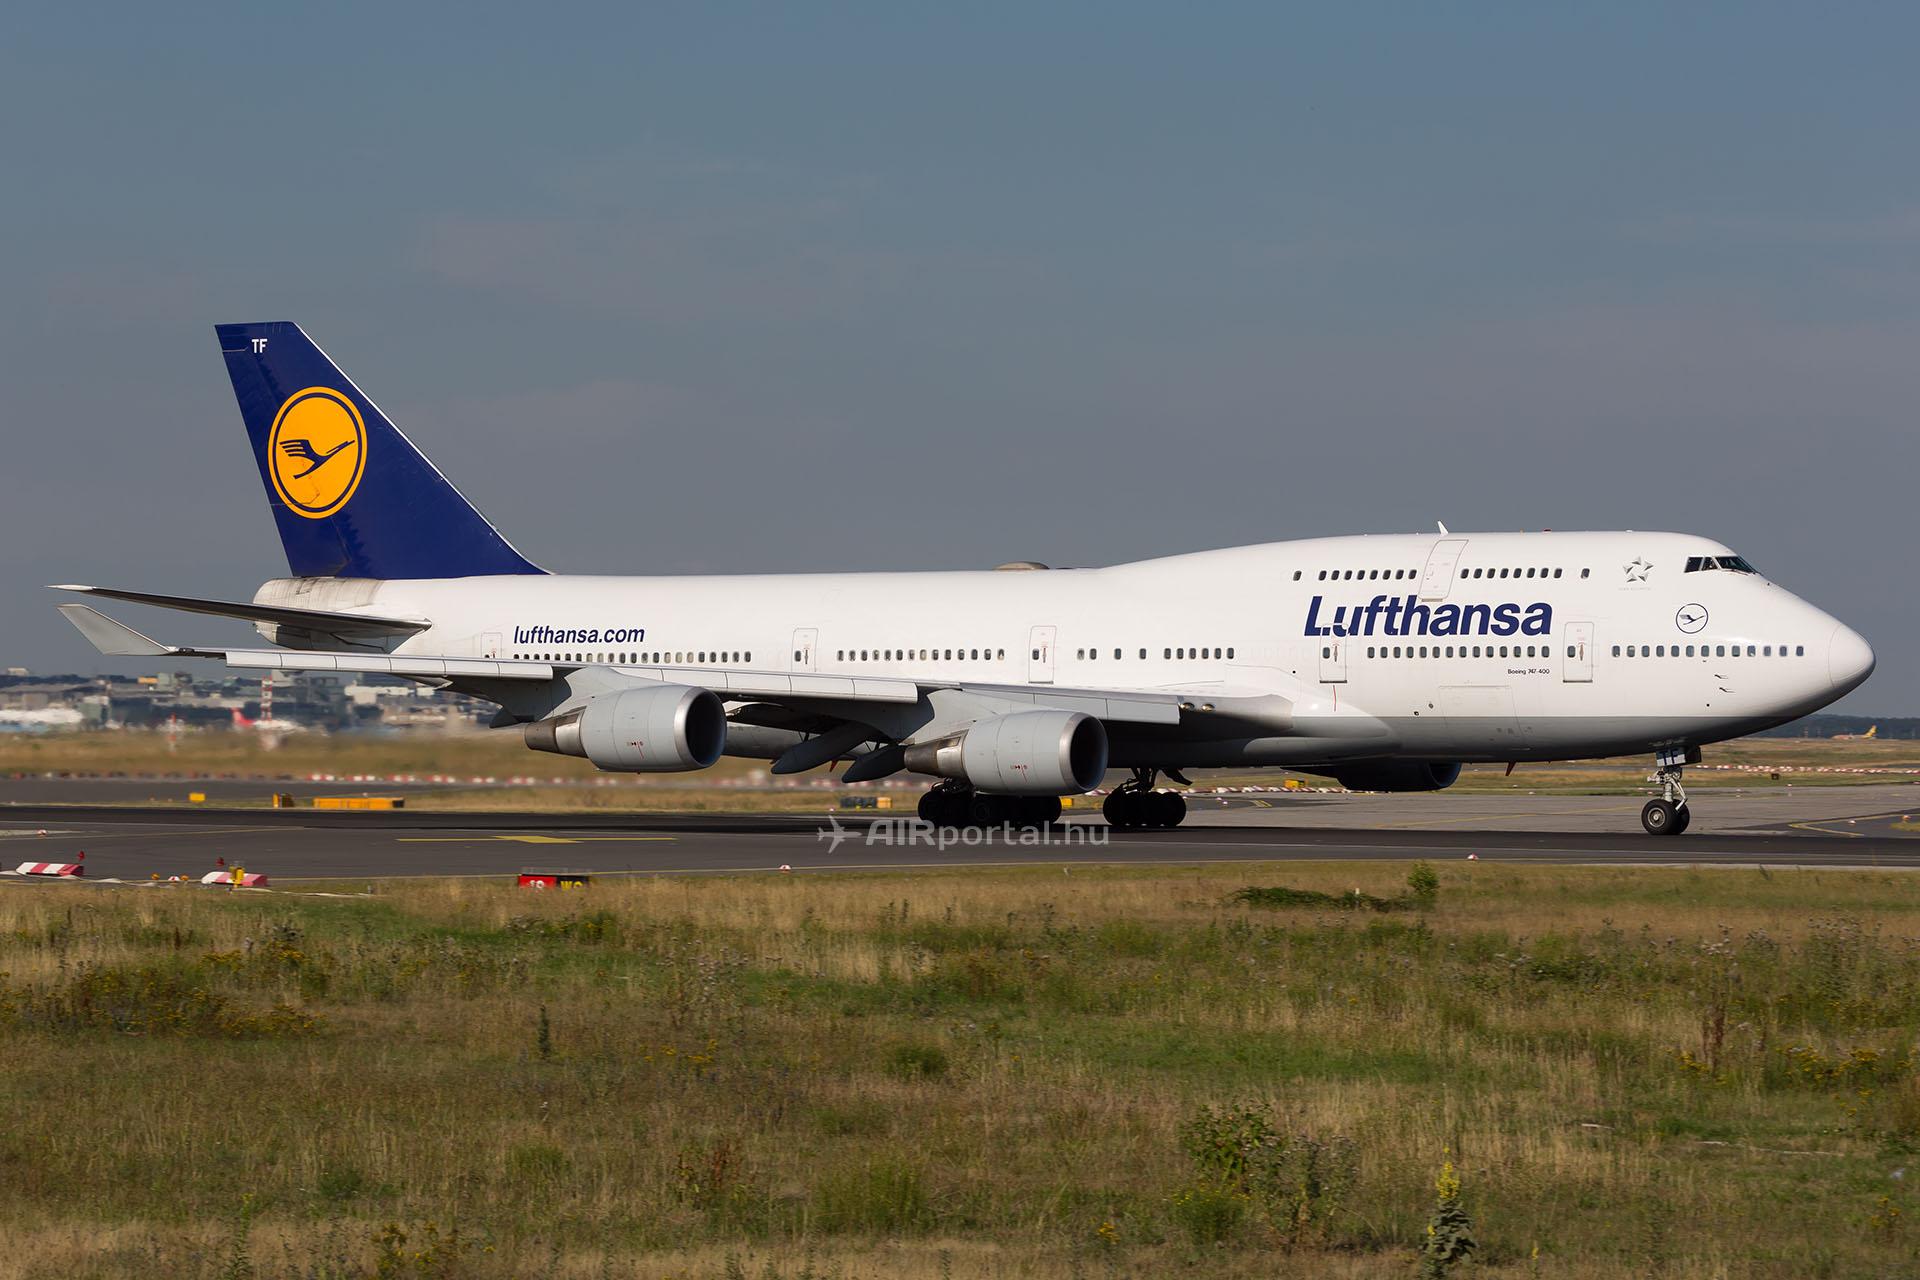 lufthansa-boeing-747-400.jpg